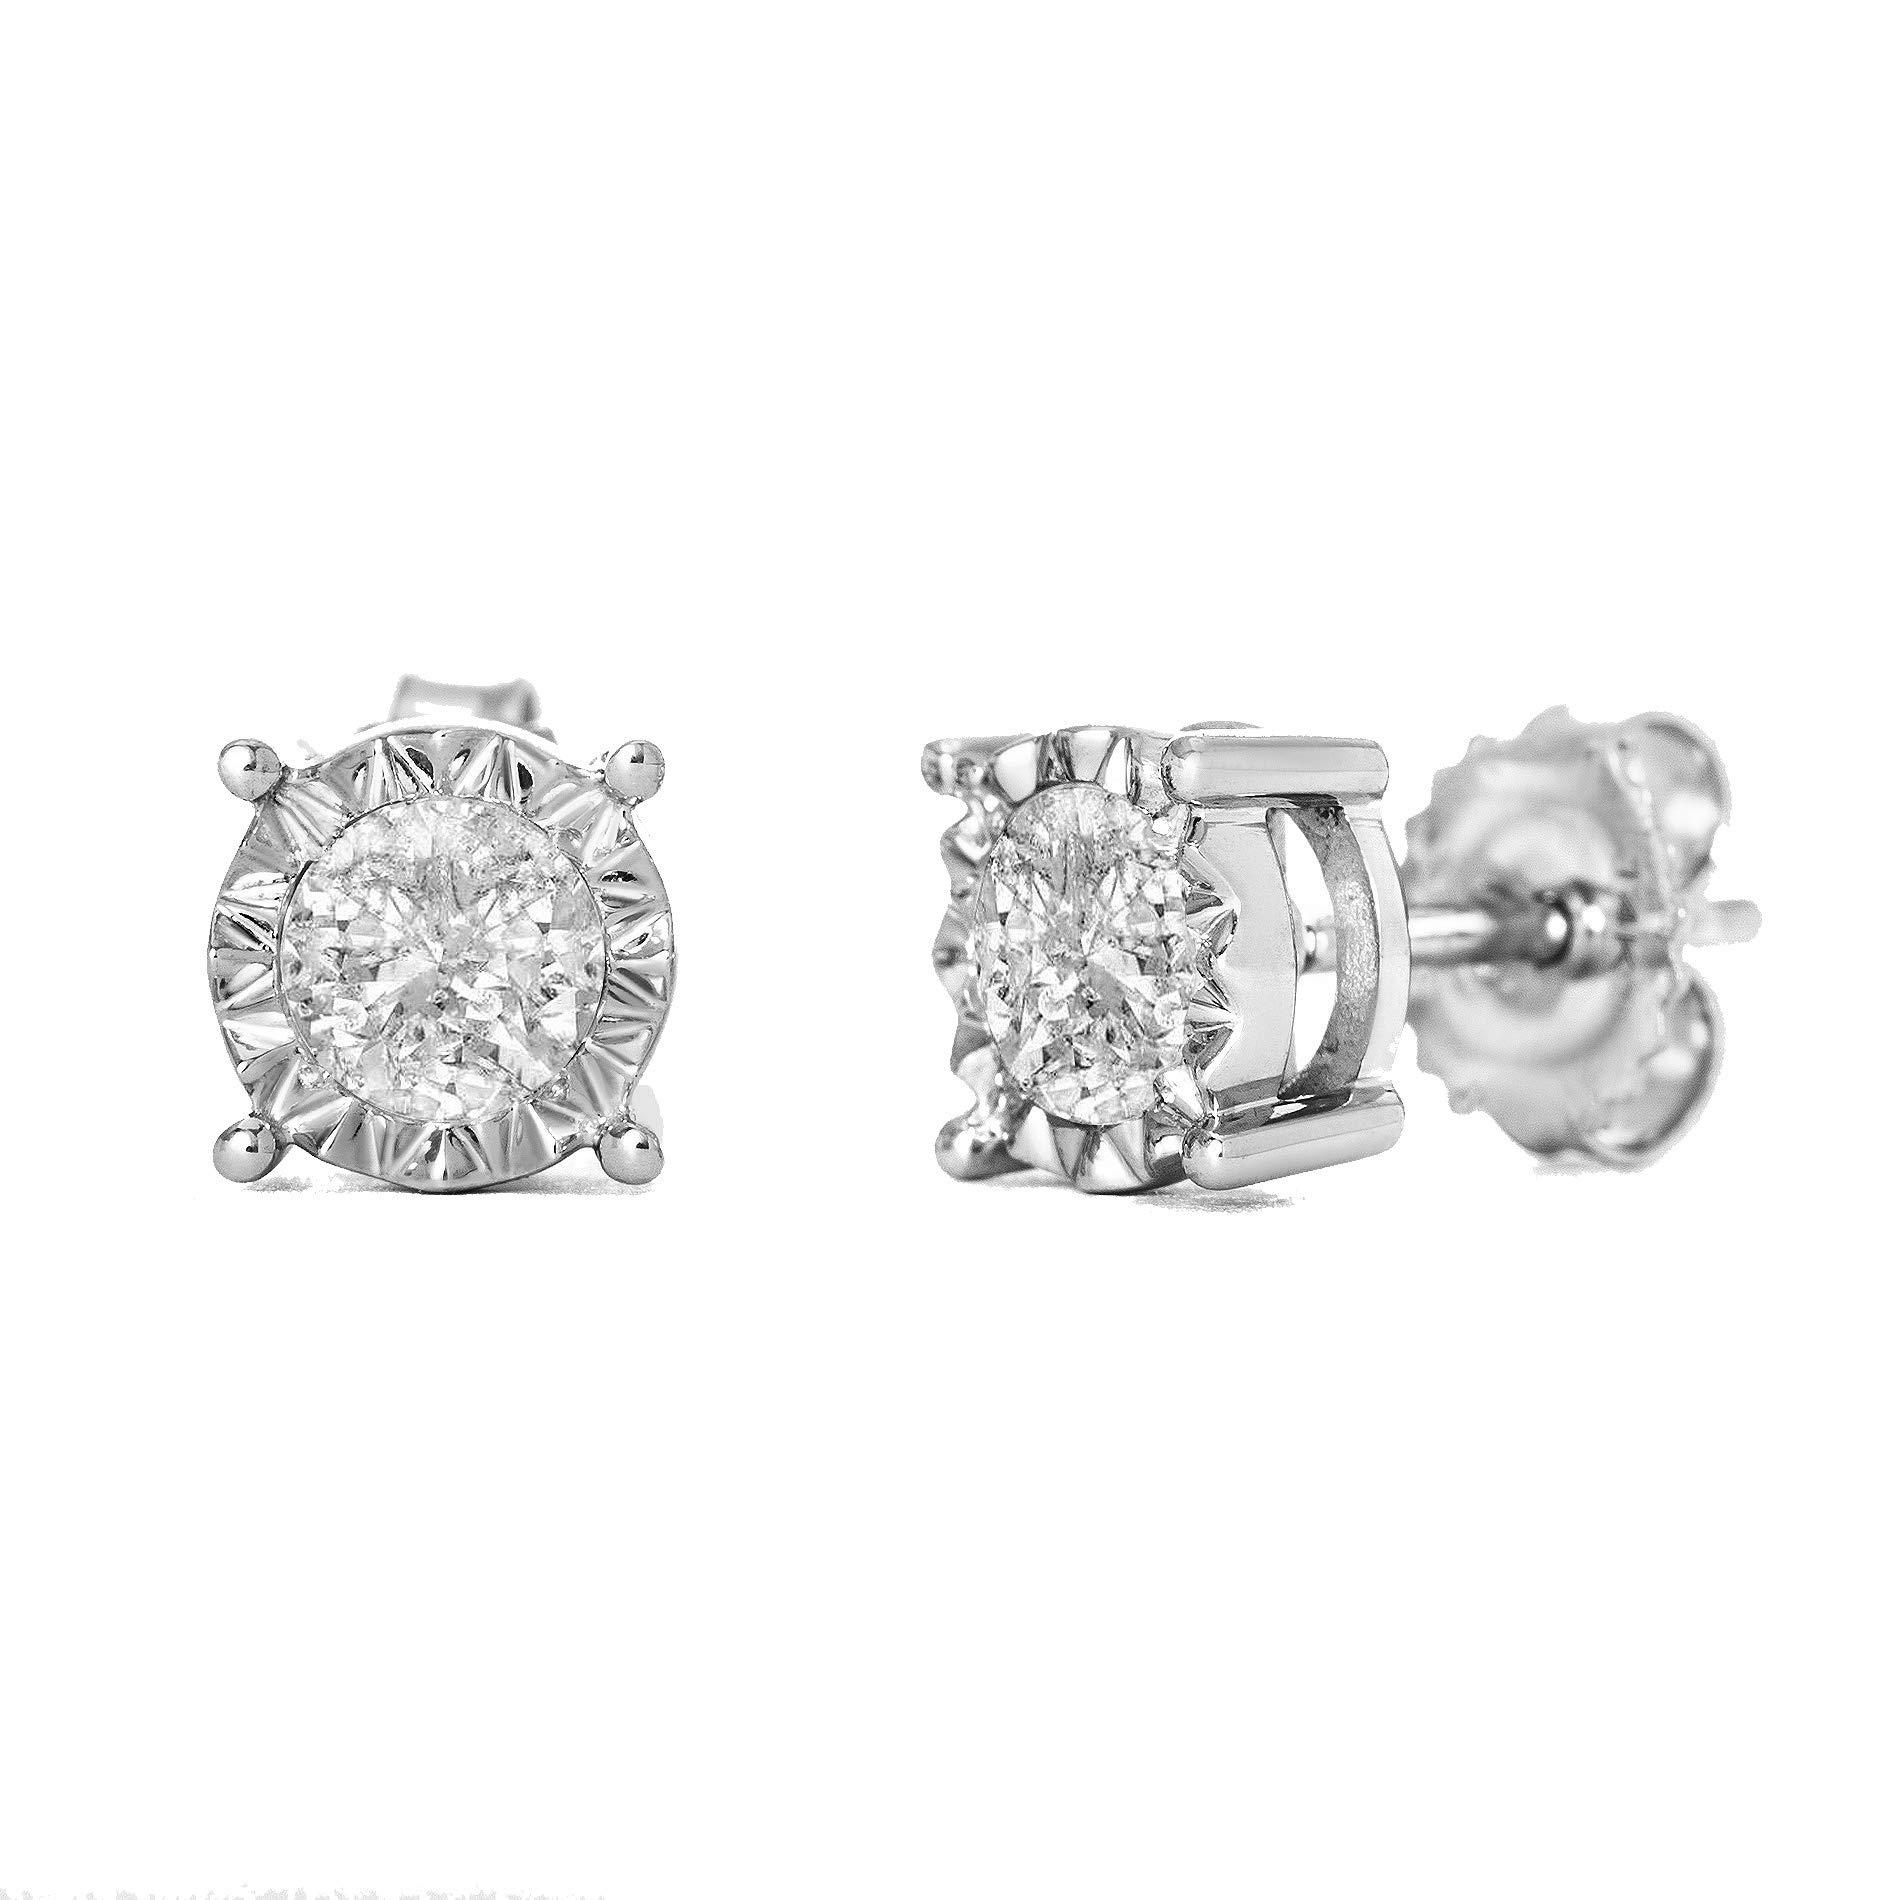 Devin Rose 14K White Gold 1 Cttw Diamond Stud Earrings for Women (IJ Color I2-I3 Clarity IGL Certified)